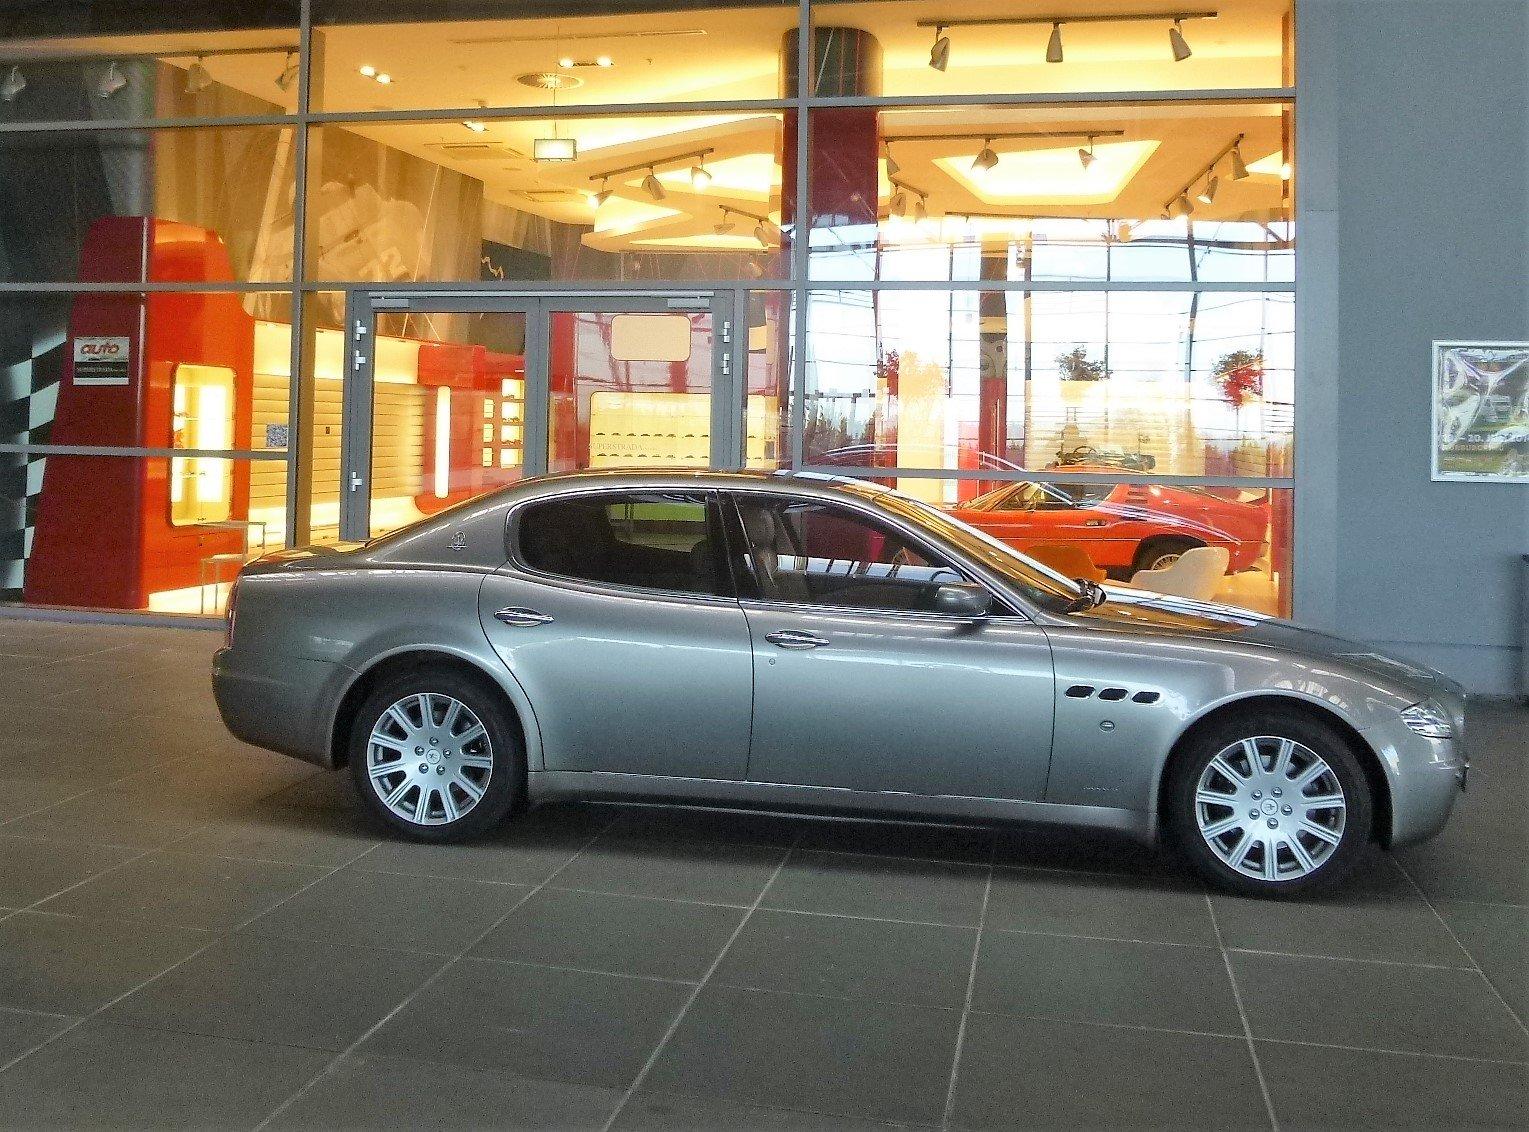 2004 Maserati Quattroporte 4.2 Cambiocorsa F1 SOLD | Car ...